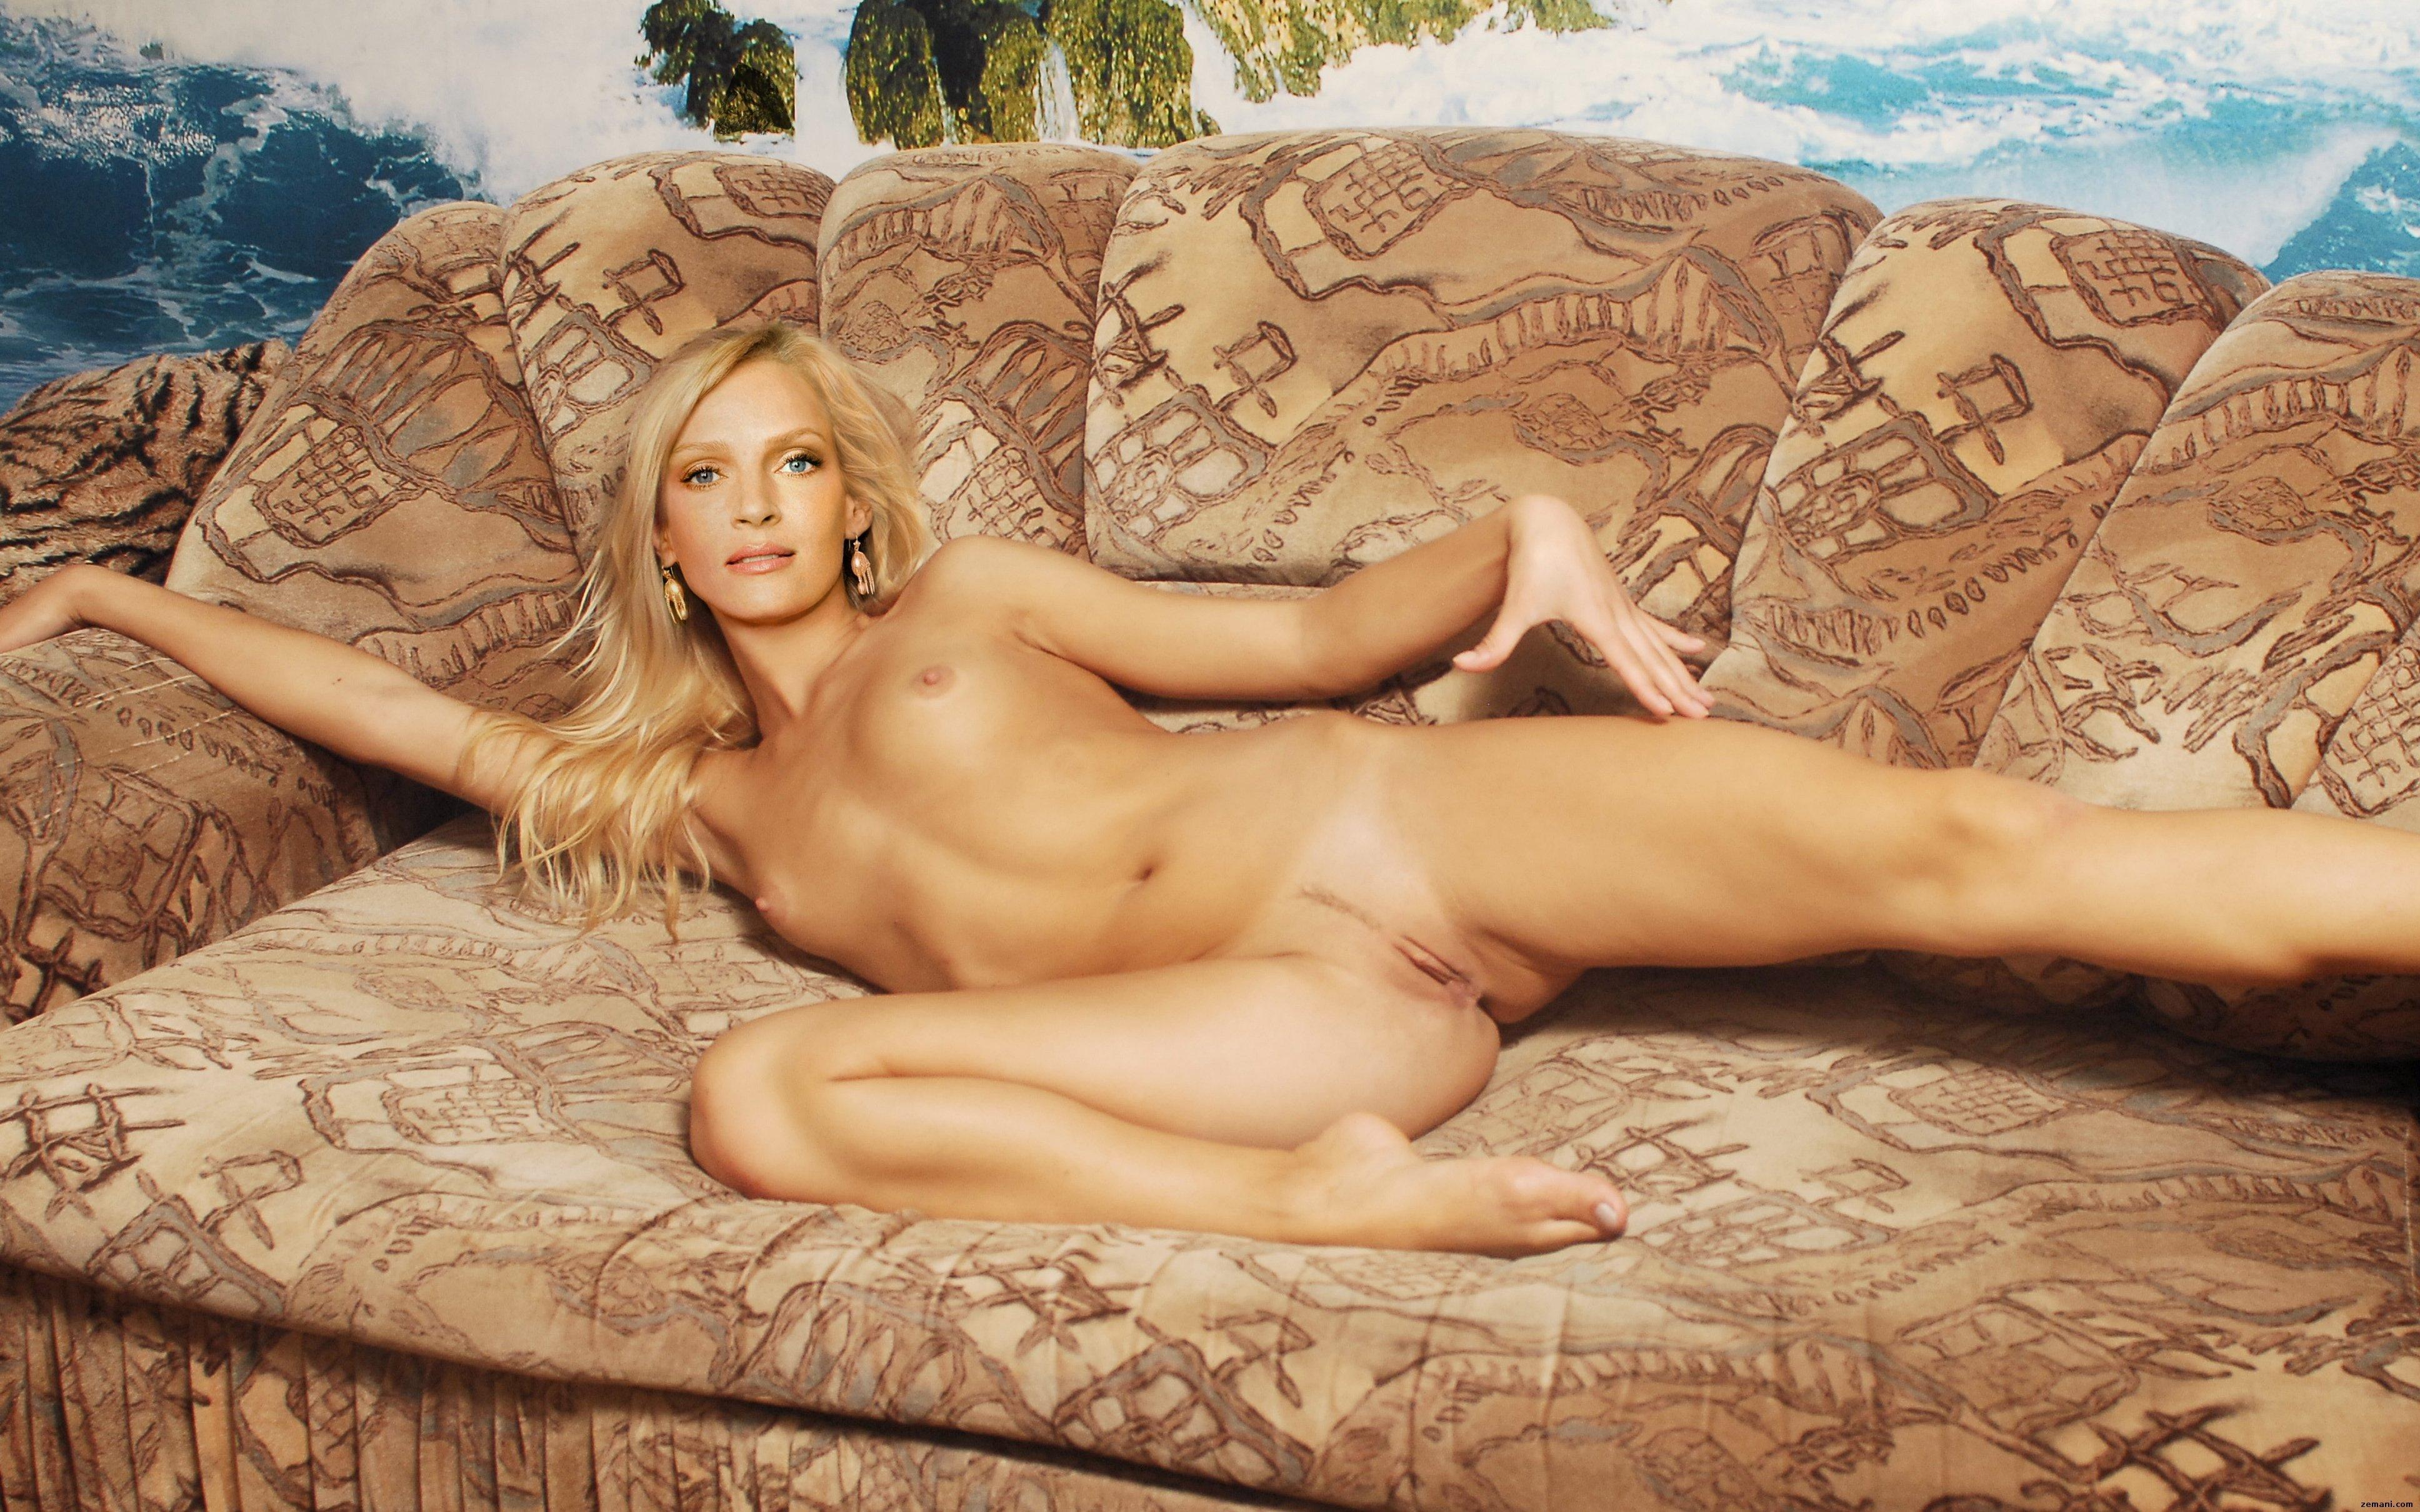 uma thurman naked fakes